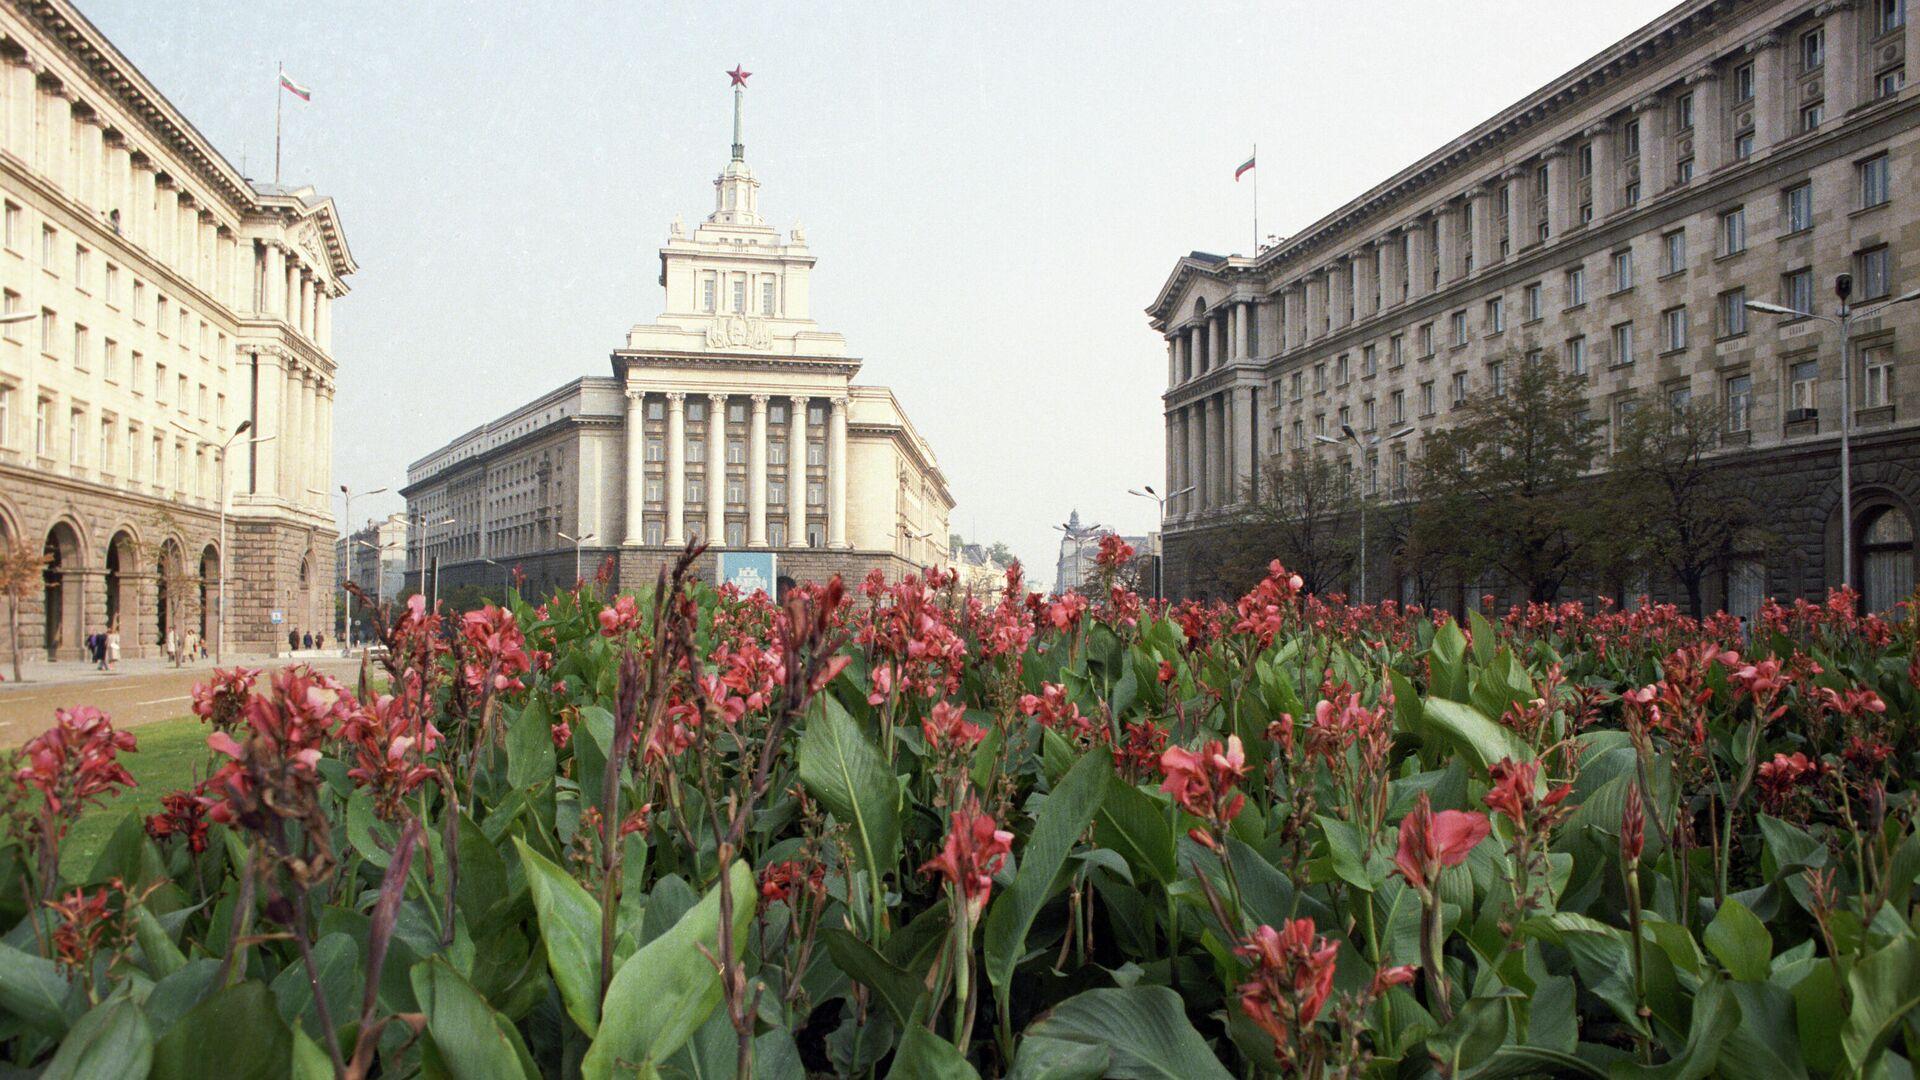 Le siège du parlement bulgare, au centre de Sofia (archive photo) - Sputnik France, 1920, 25.09.2021